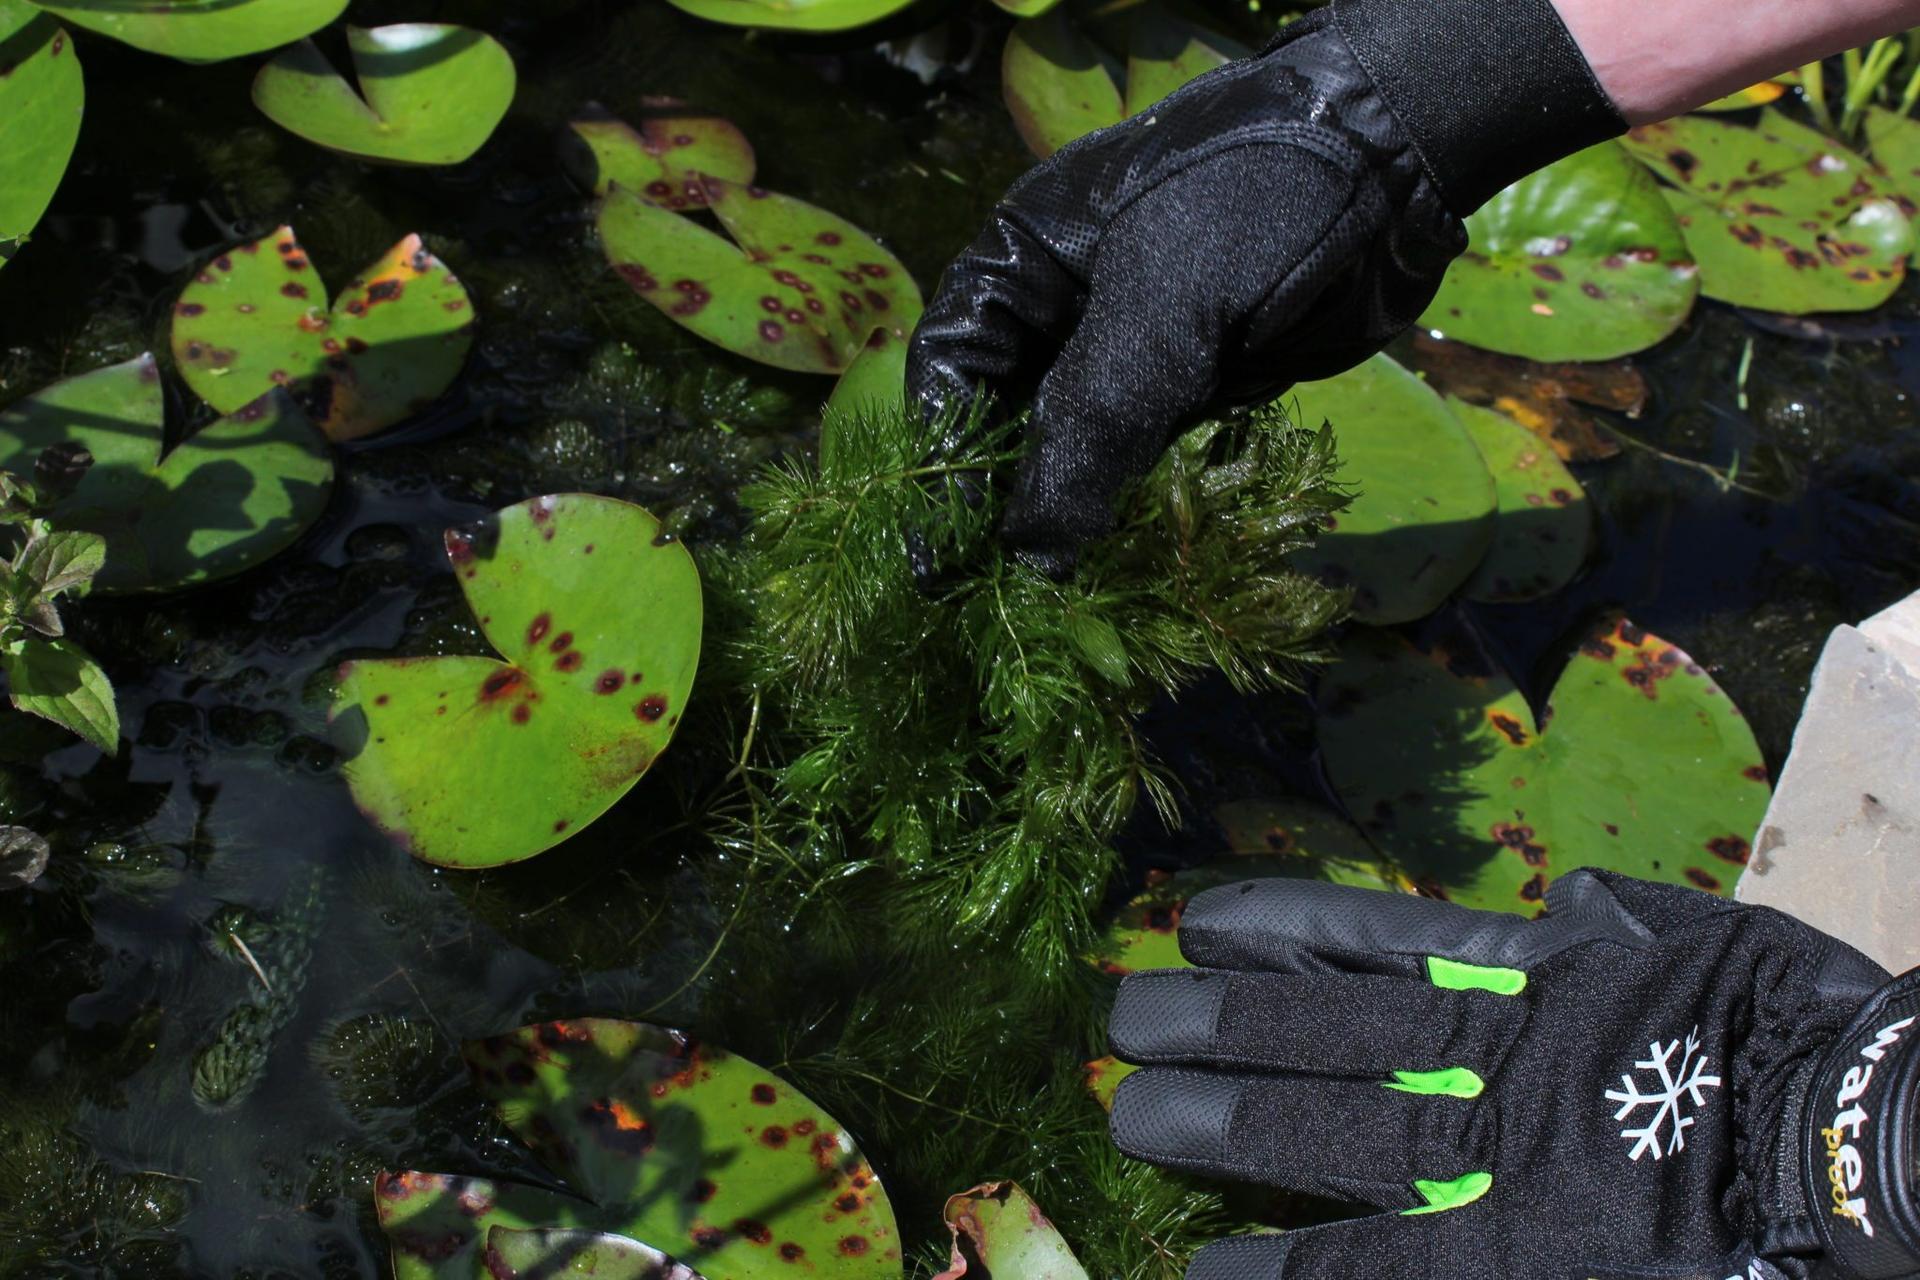 Tegera rukavice do záhrady - Vodeodolné rukavice so zimnou podšívkou Tegera® 517